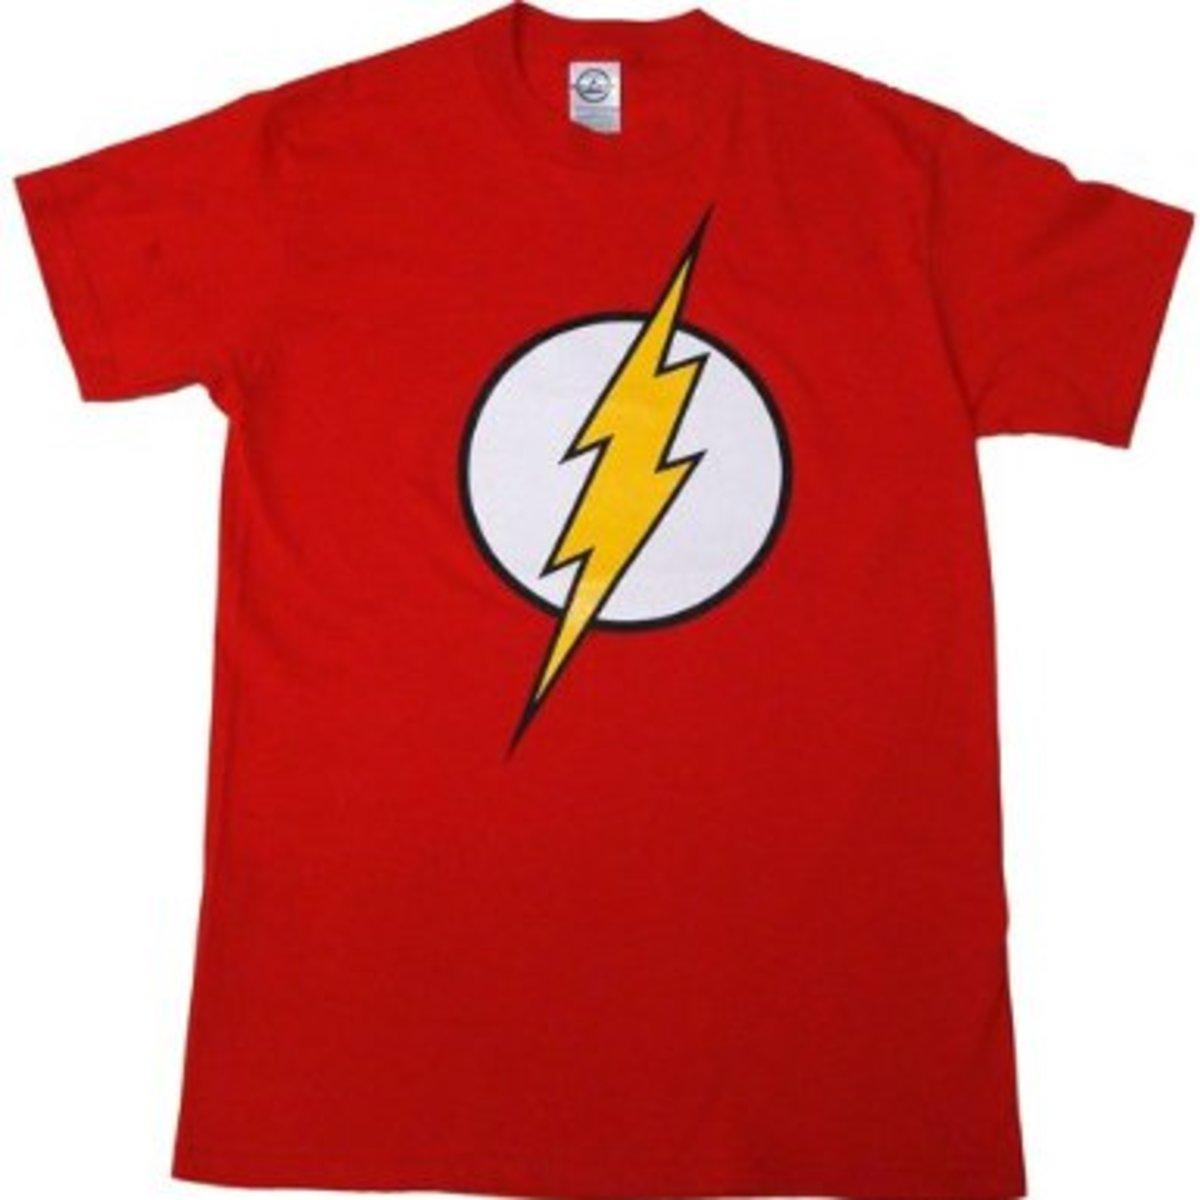 Shedon's Flash Lightning Bolt Shirt